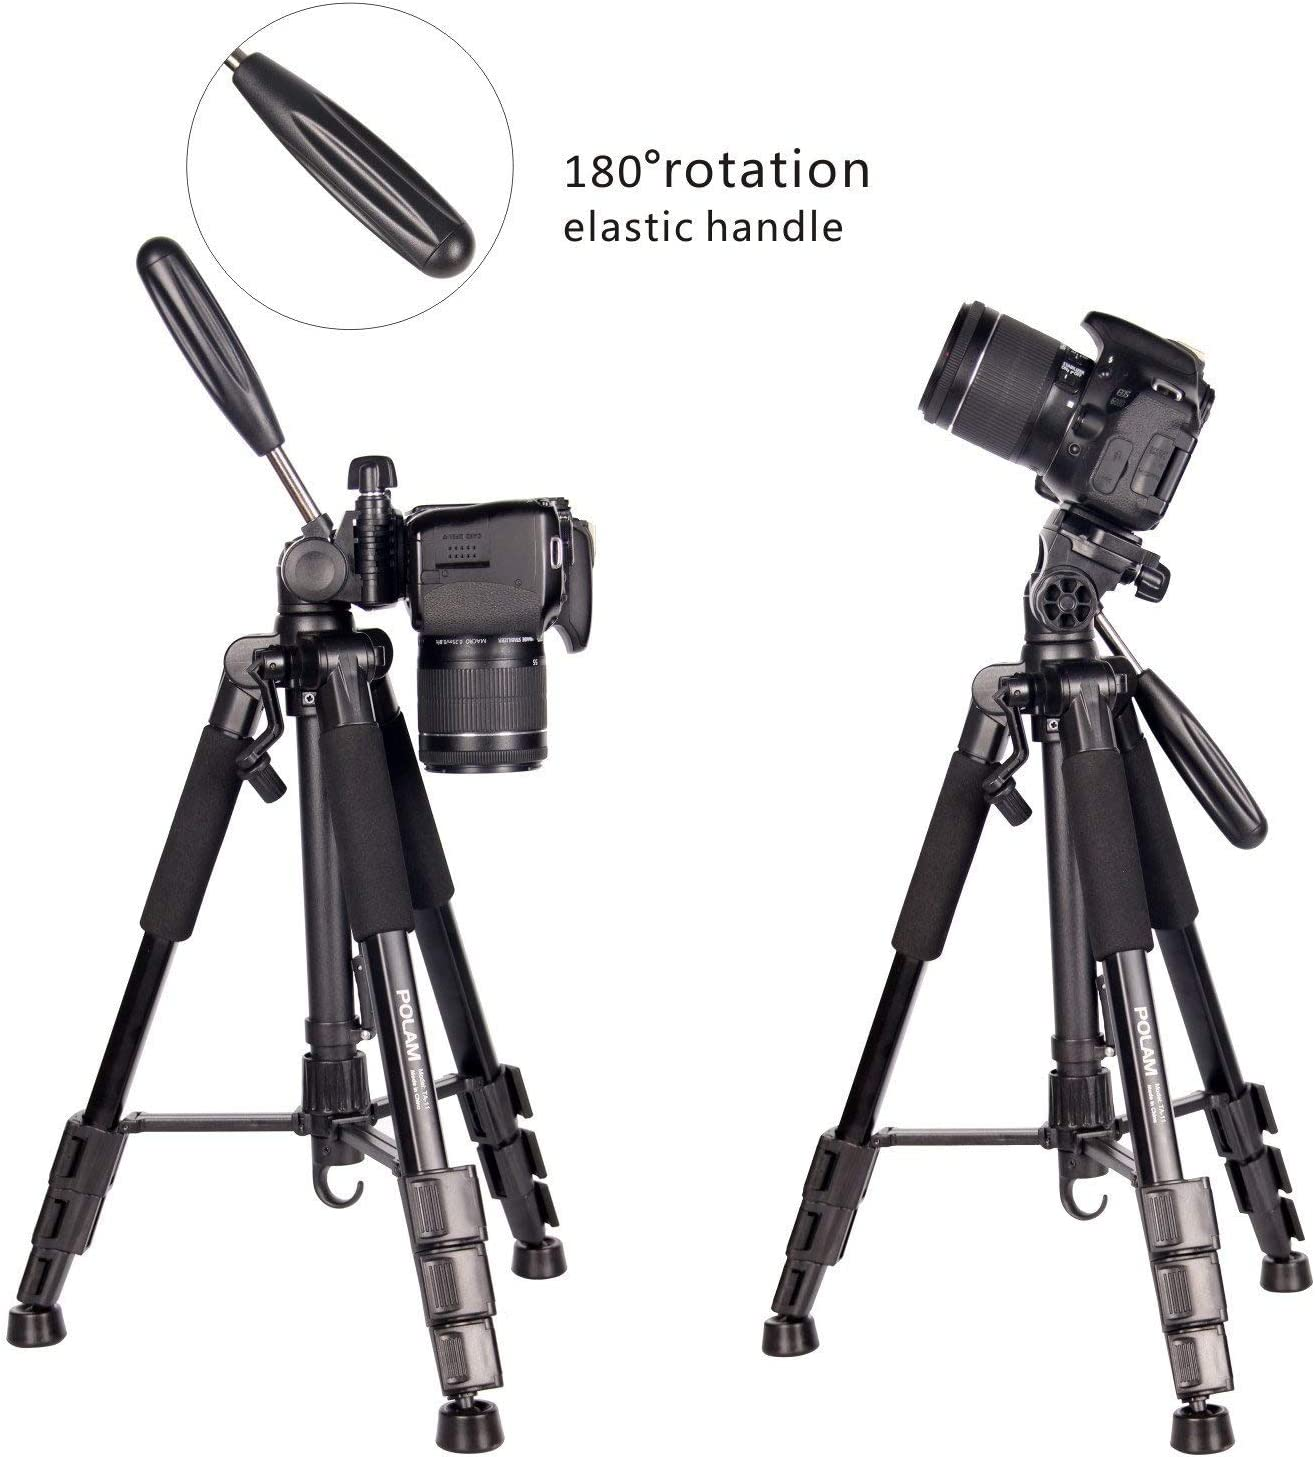 Reisekamera Stativ mit Tragetasche f/¨/¹r SLR//DSLR passt mit Canon//Nikon//Sony//etc. Stativ-POLAM-FOTO 140cm Fotostativ Blau